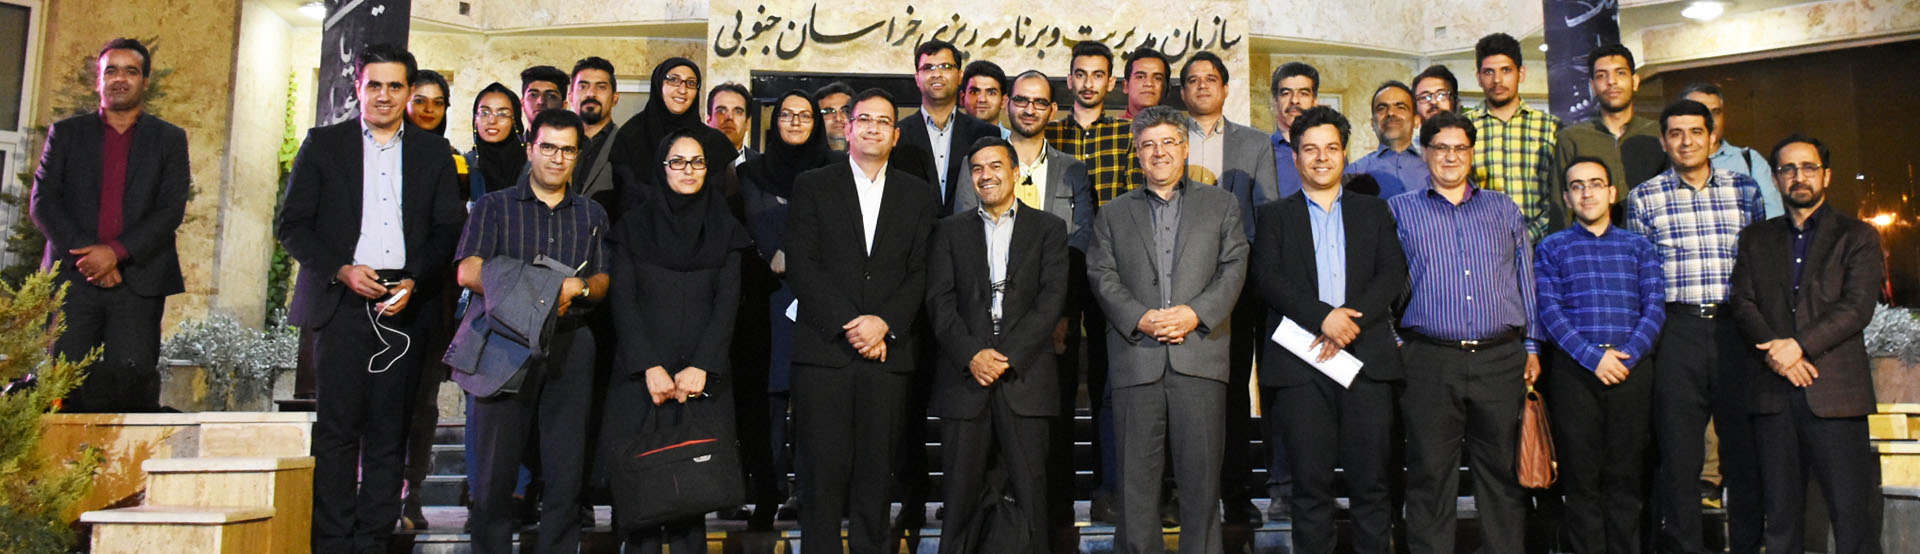 به همت پارک علم و فناوری خراسان جنوبی کارگاه های آموزشی با موضوع رشد شرکت های فناور و بازاریابی شرکت های دانش بنیان برگزار شد